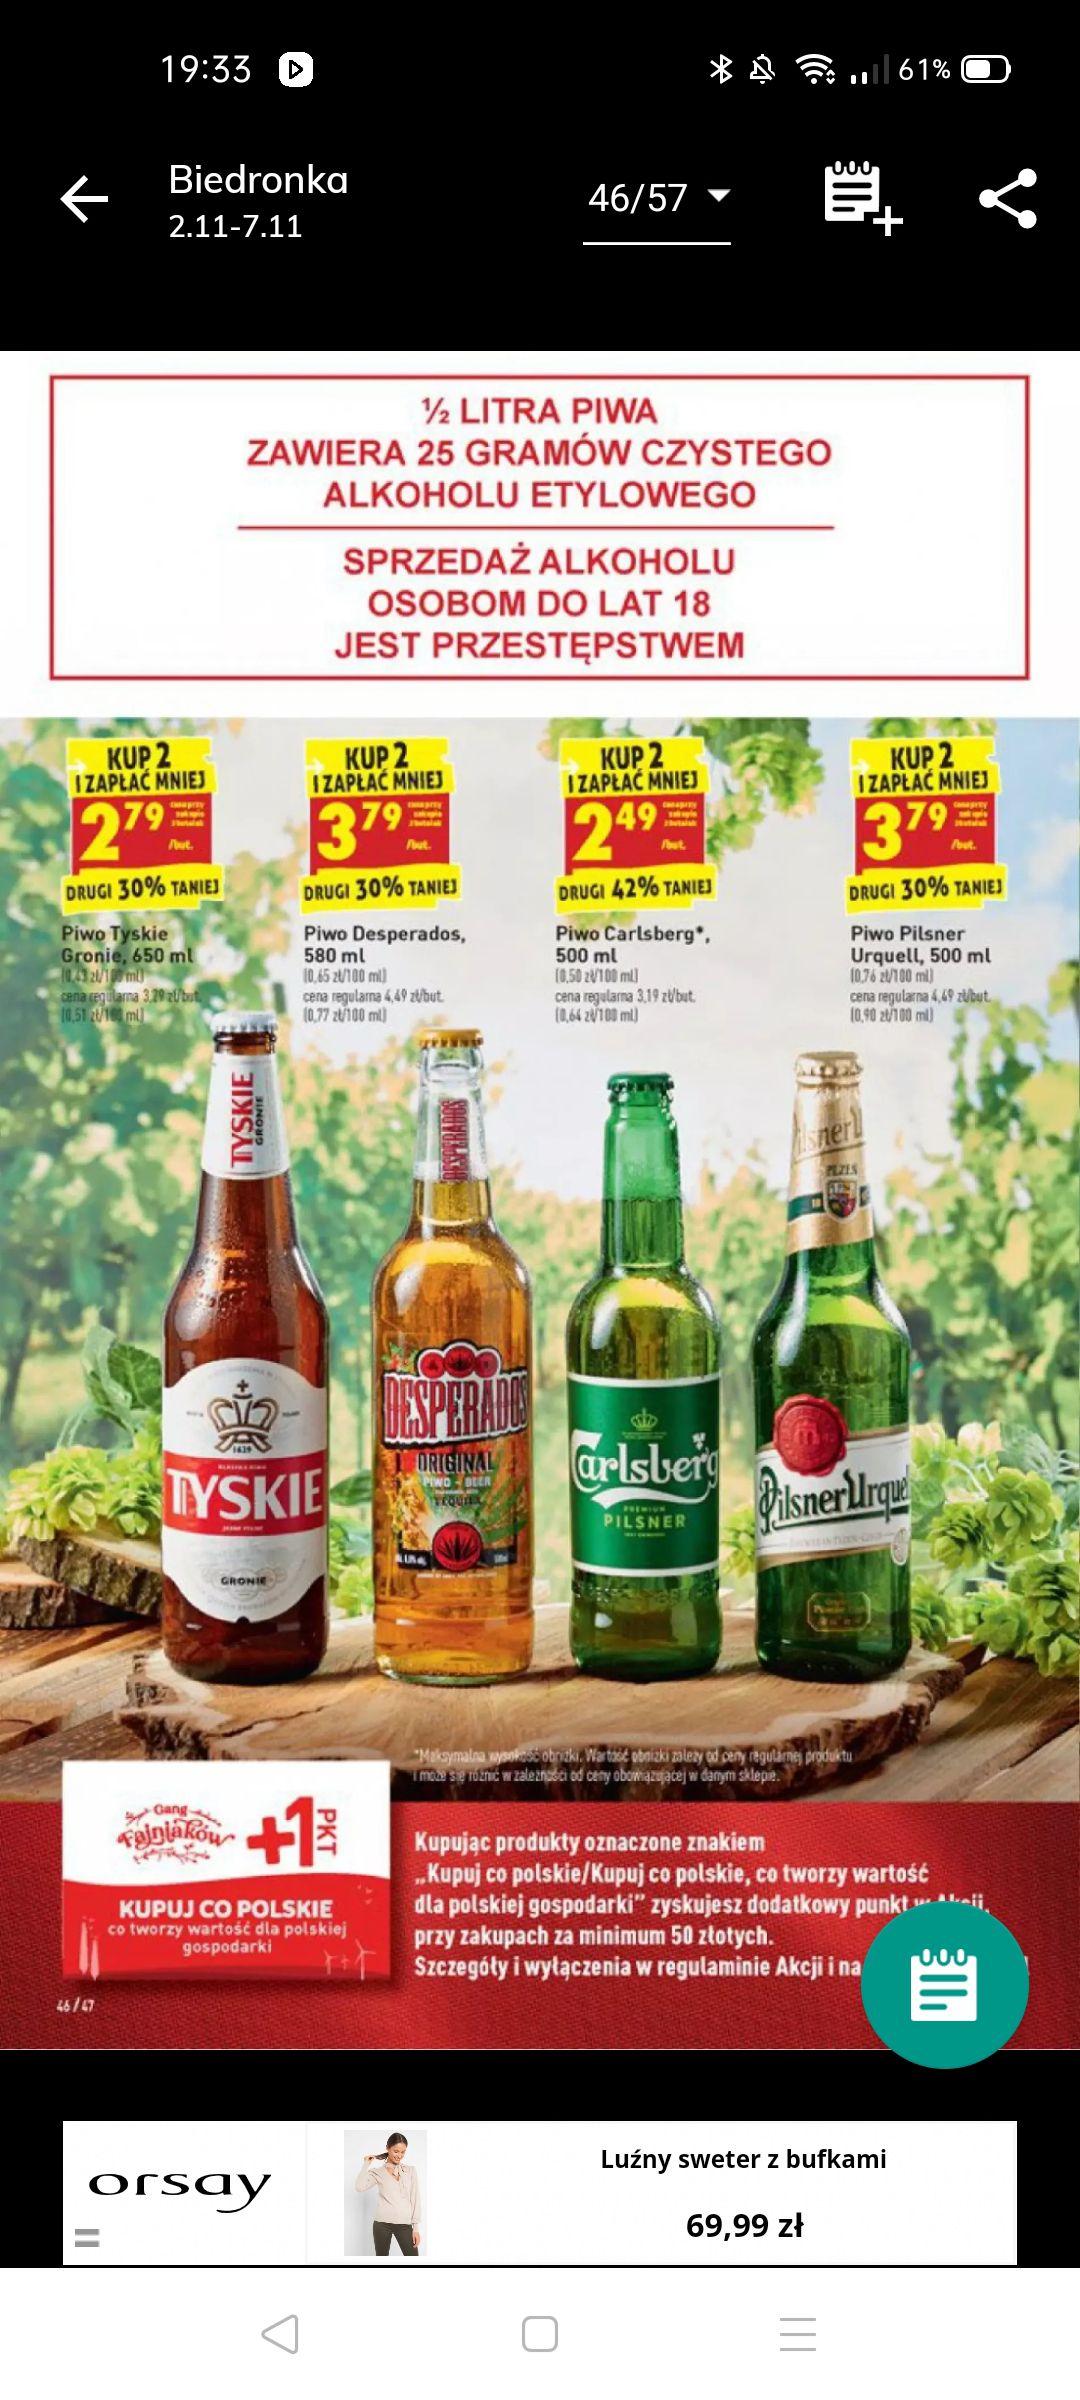 Piwo Carlsberg 2,49 zl przy zakupie 2 sztuk BIEDRONKA